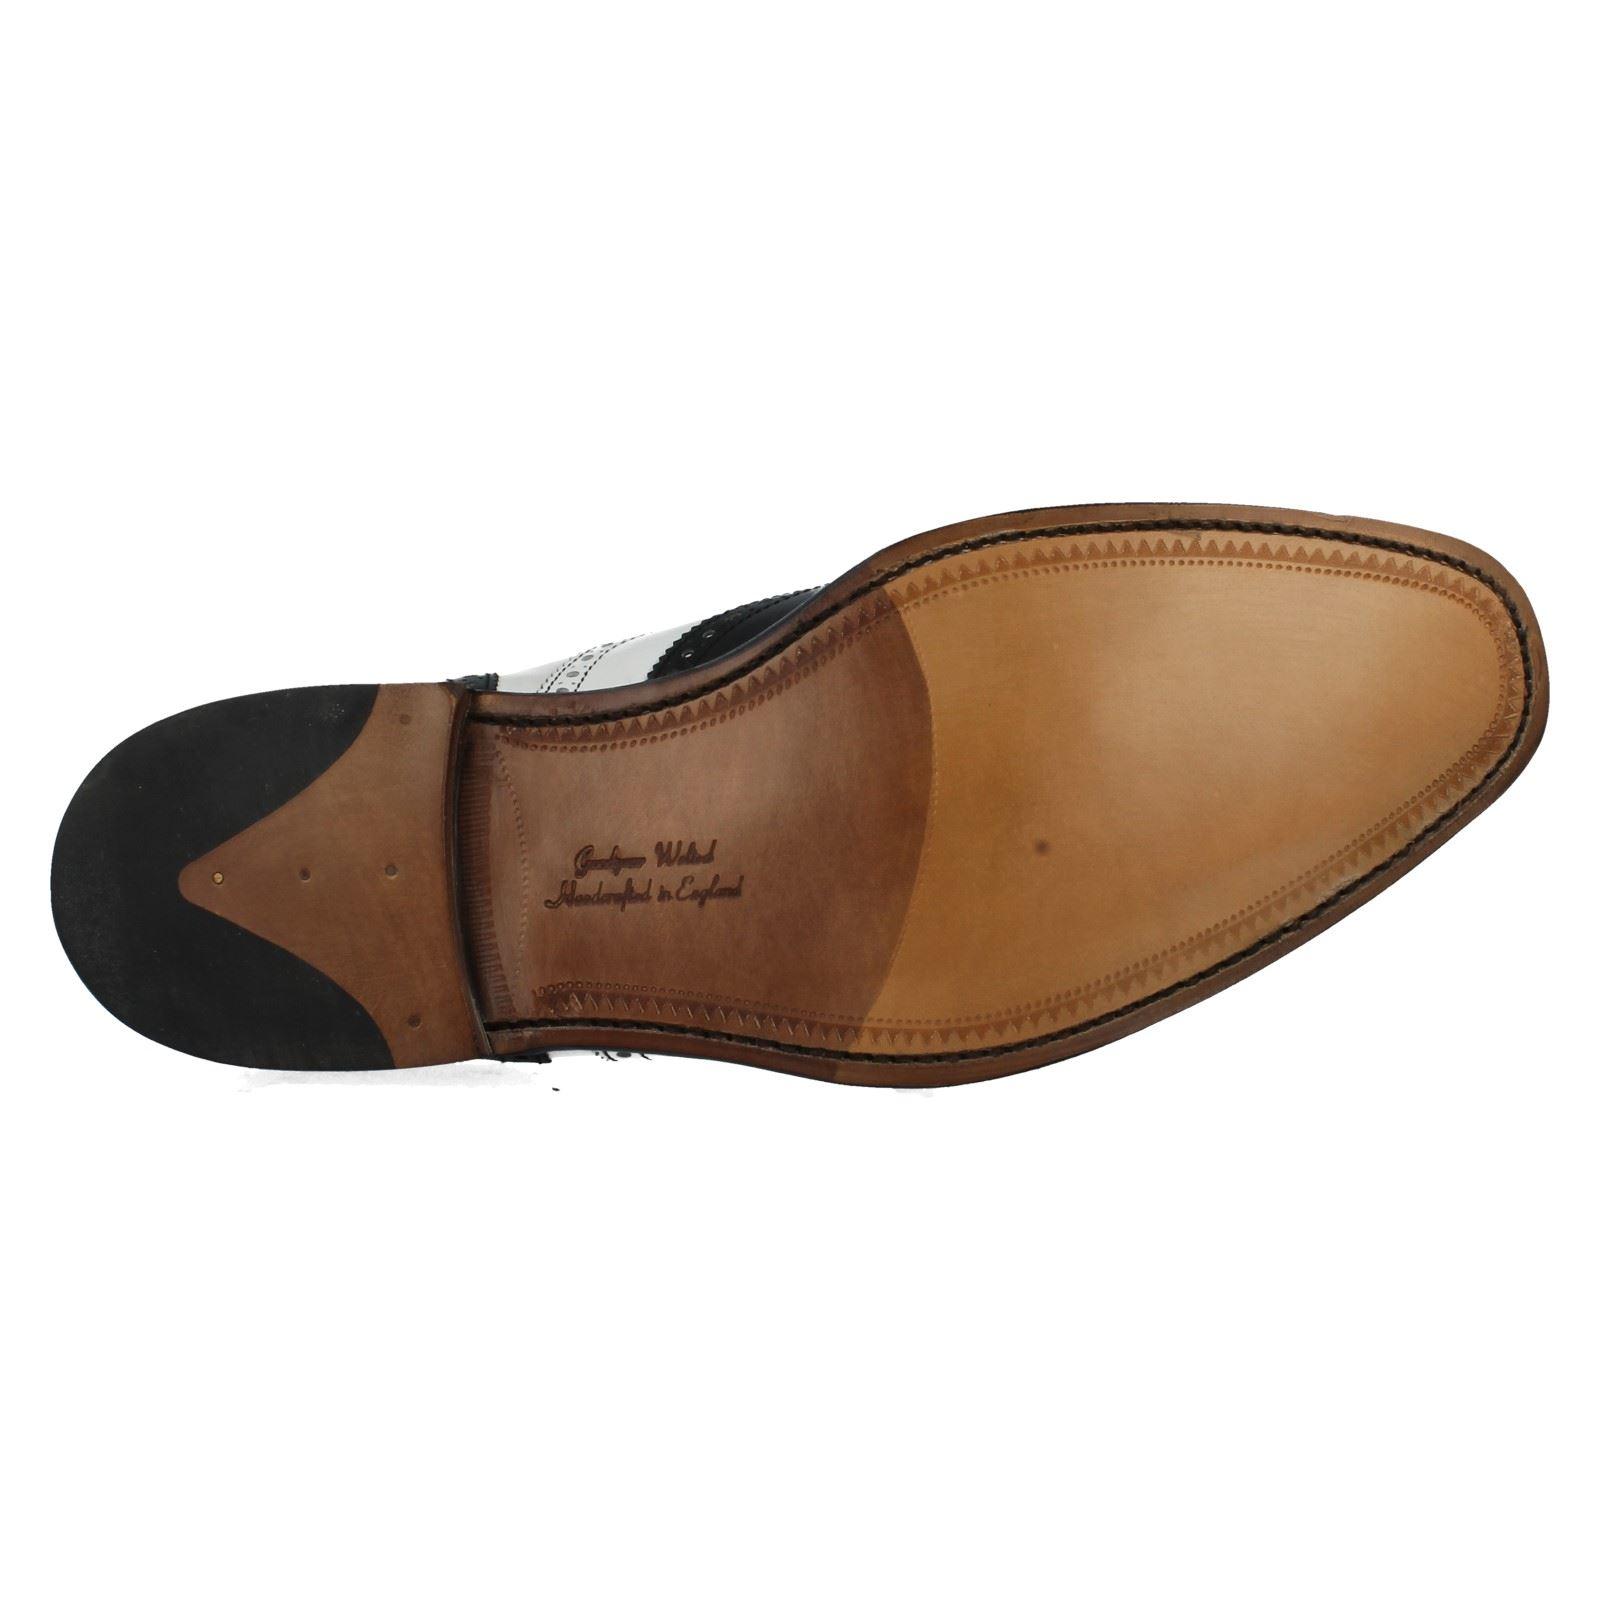 Herren  Herren  Loake Formal Schuhes Style - Sloane 25c938